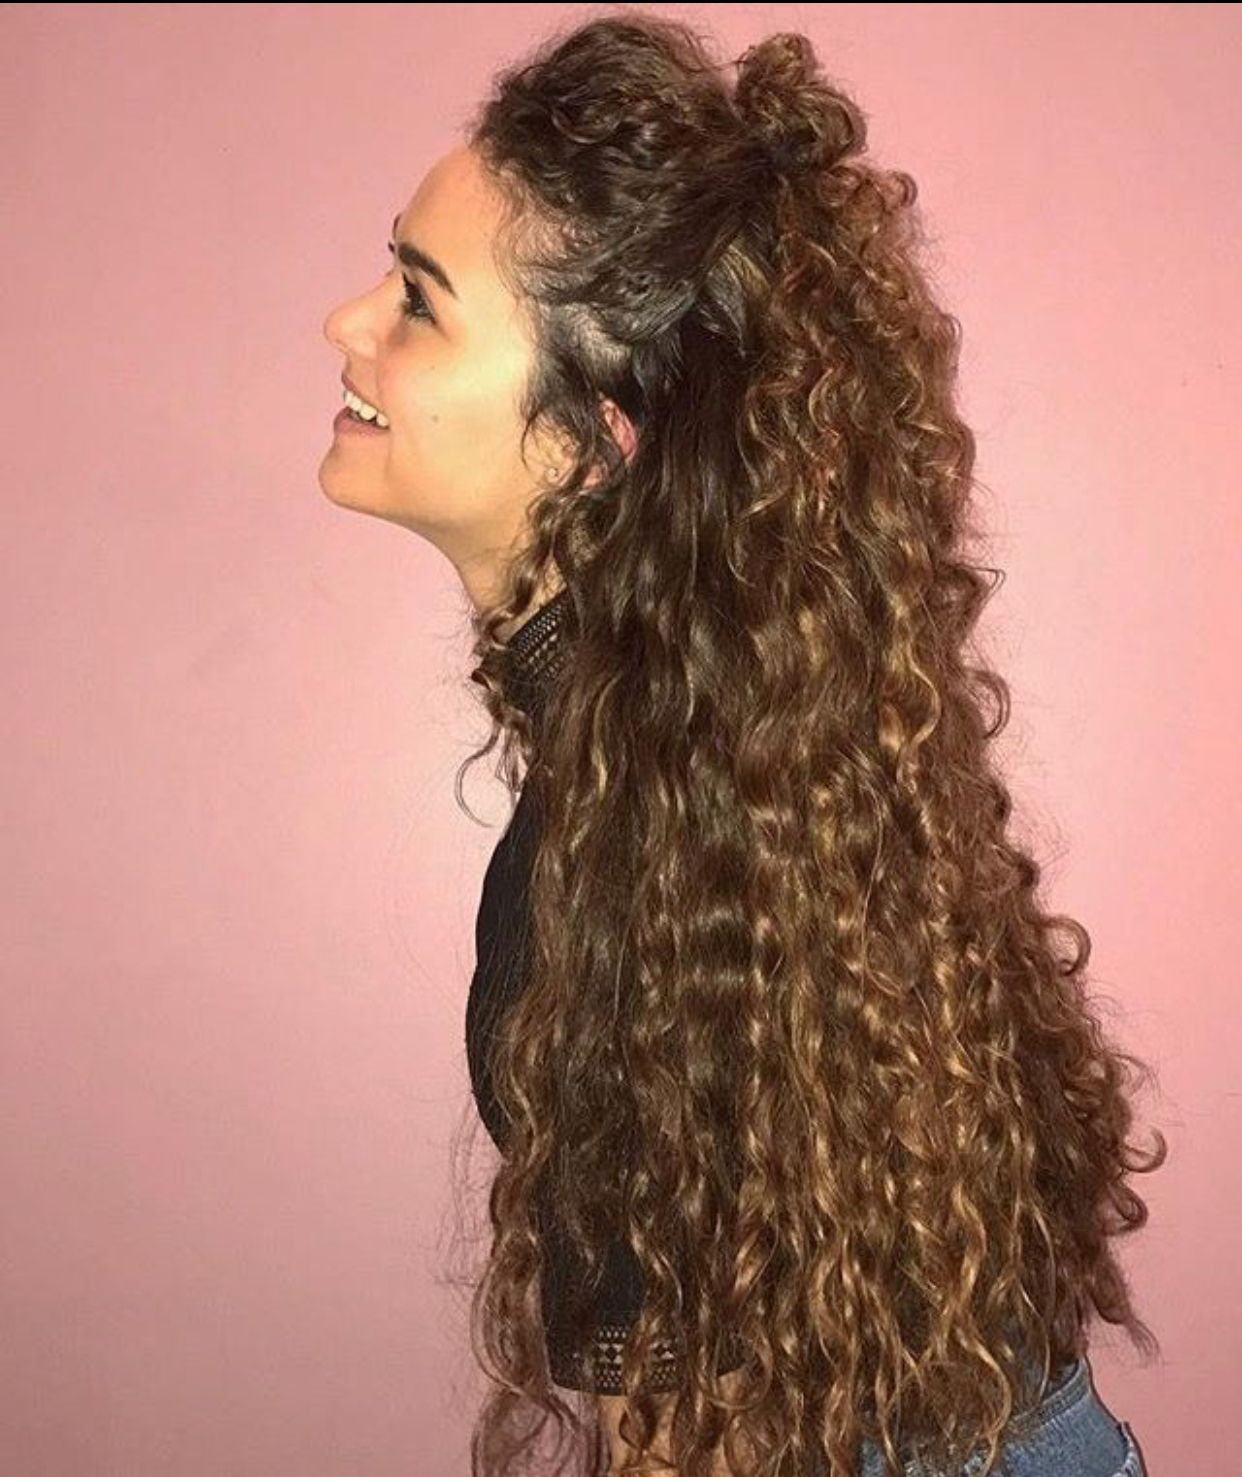 k a t i e 🥀 @kathryynnicole | hairs (pretty much all